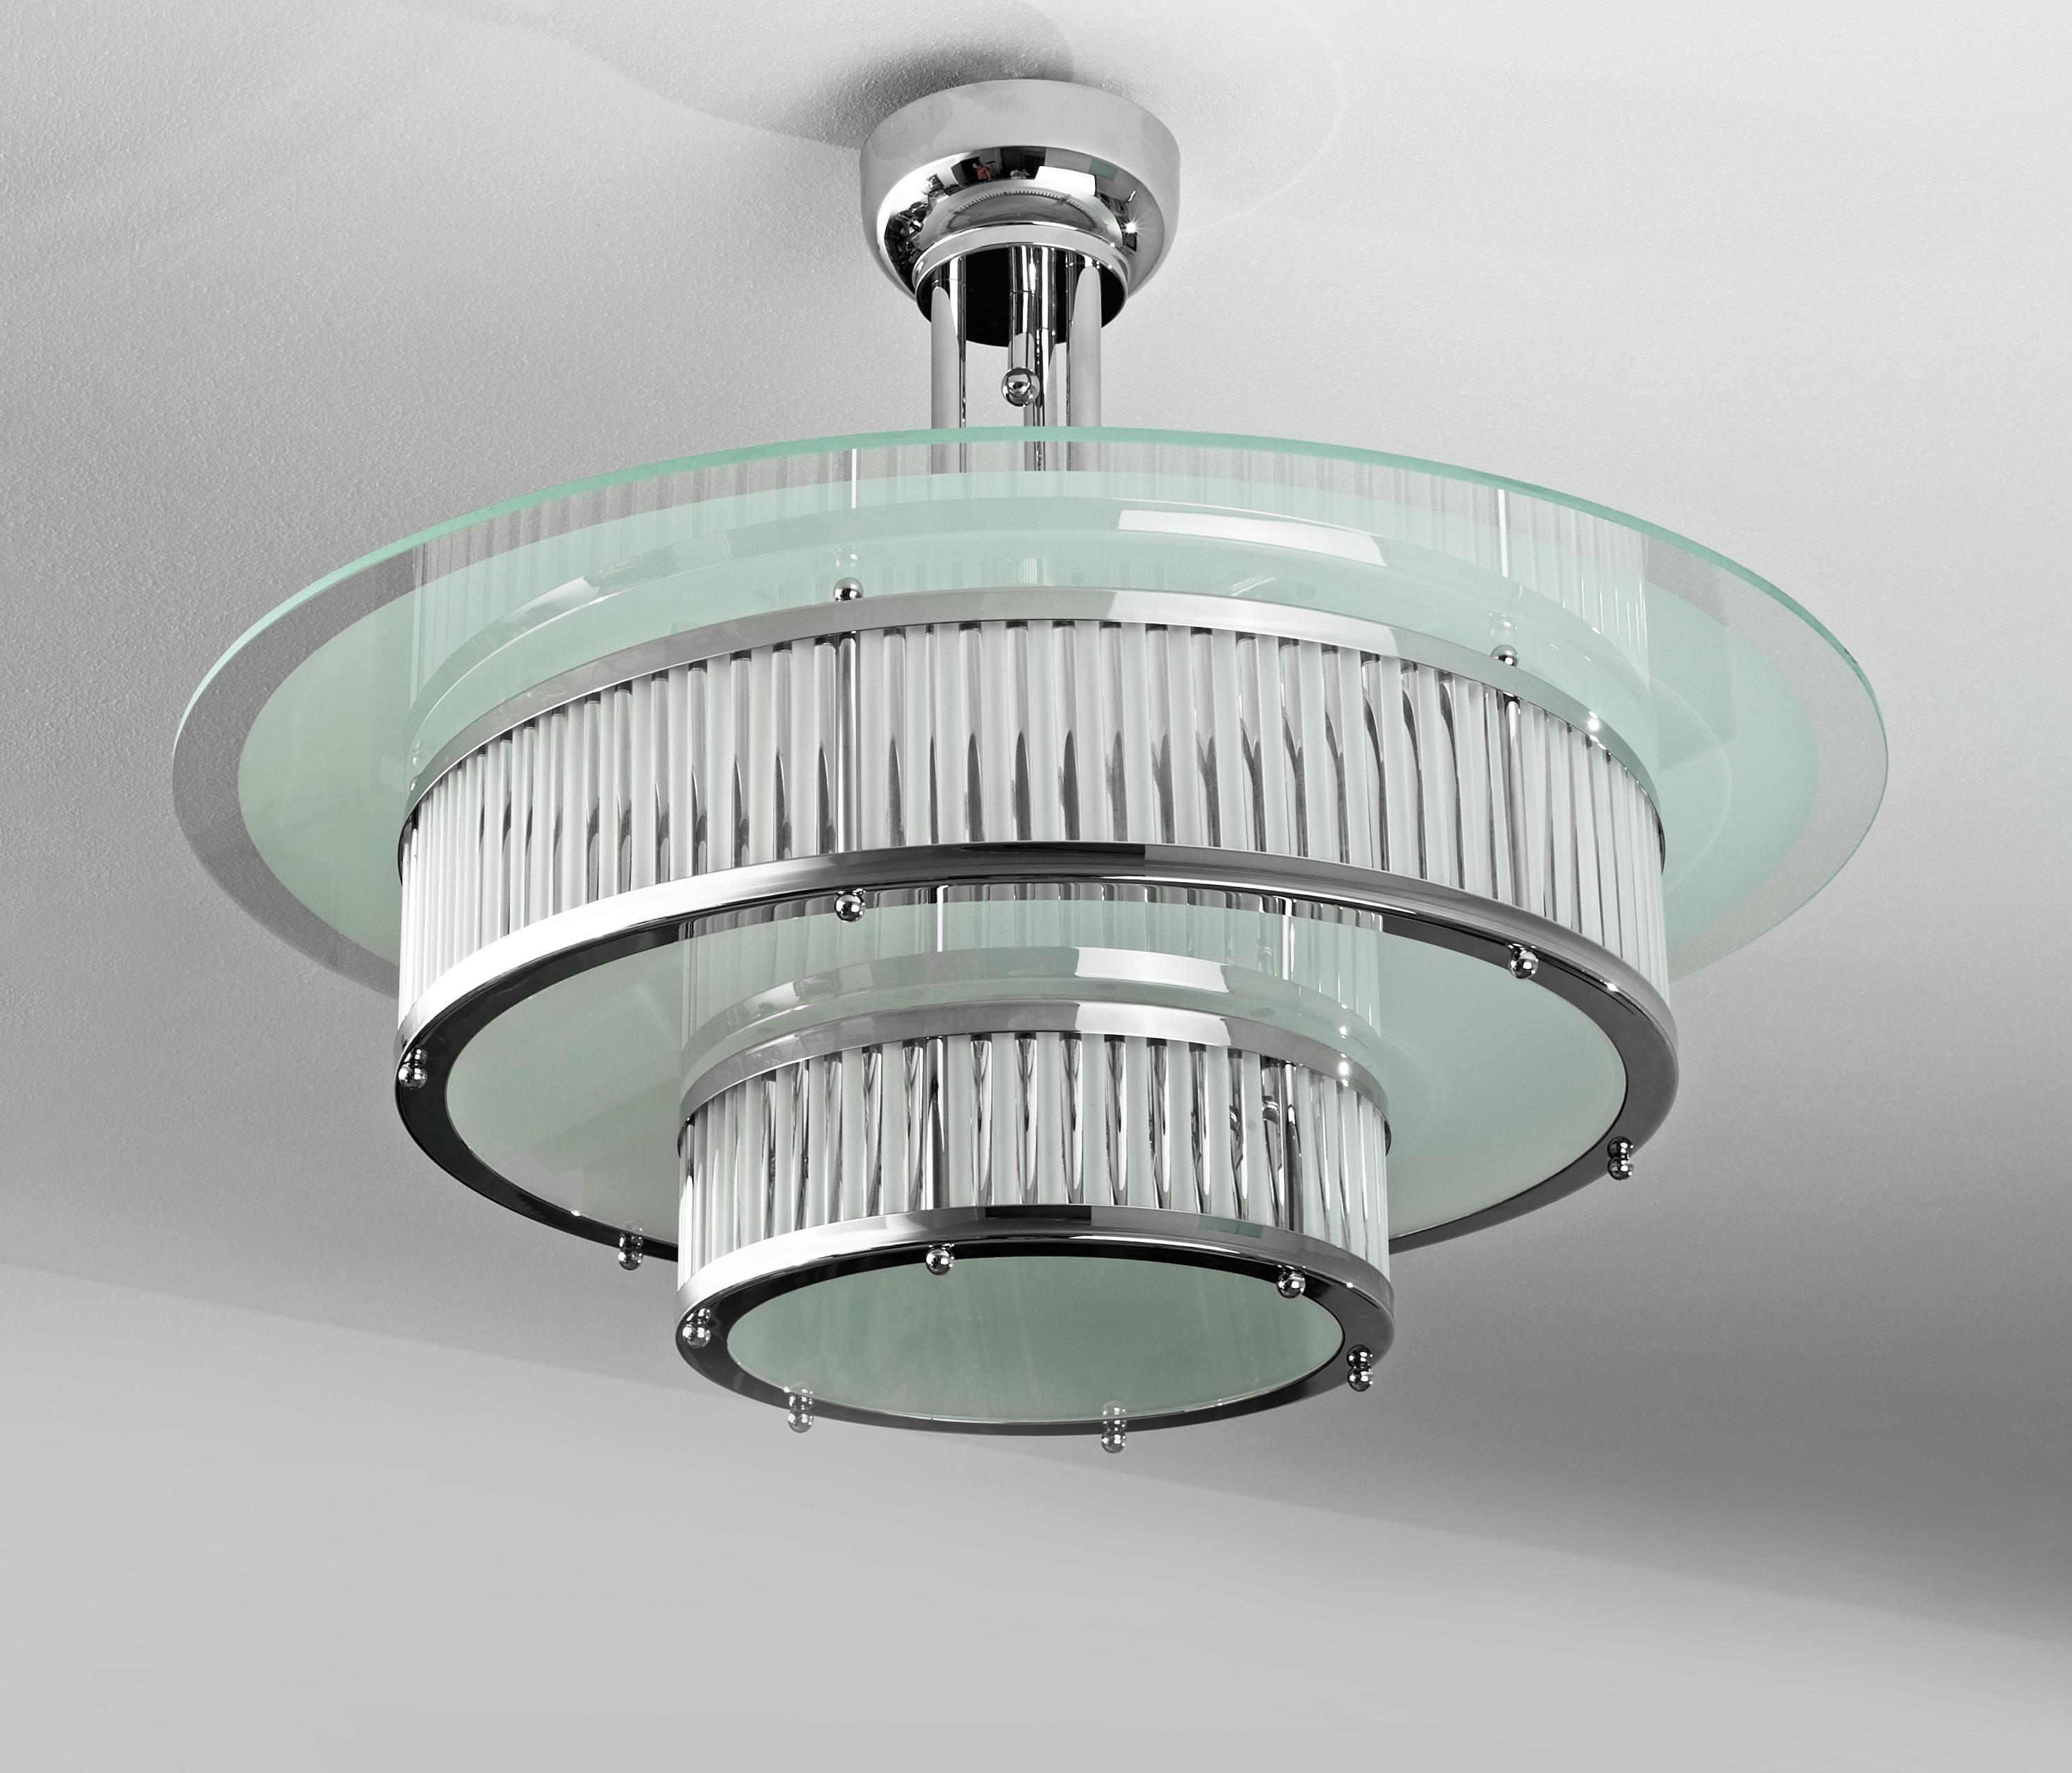 shop etched ceilings art glass five fixture light vintage original ceiling deco sold shades